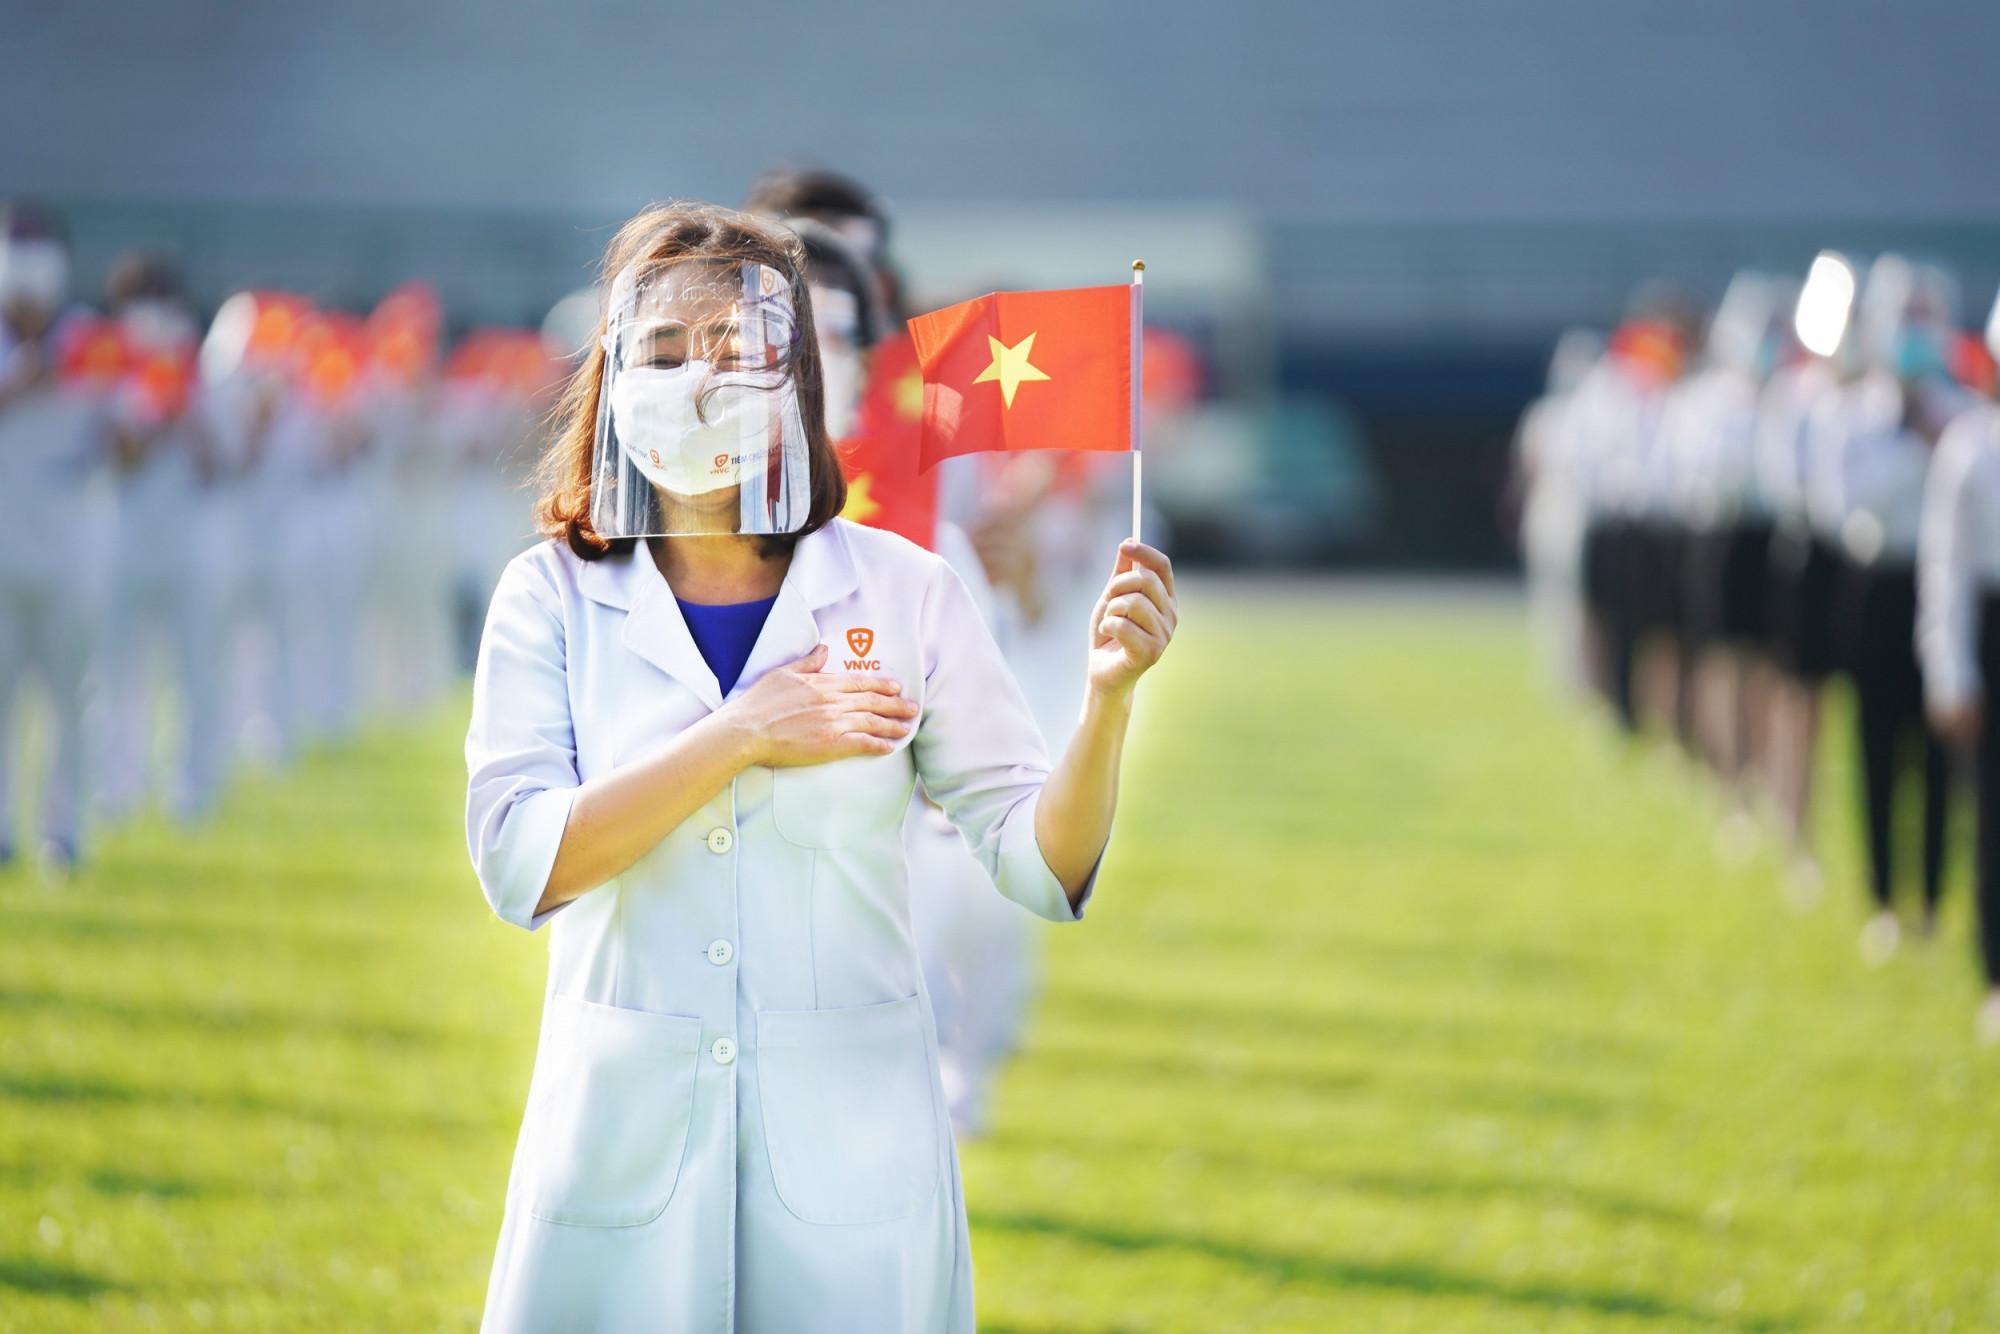 Các bác sĩ, điều dưỡng, nhân viên VNVC quyết tâm hoàn thành tốt nhiệm vụ, tiêm chủng an toàn cho người dân TP.HCM